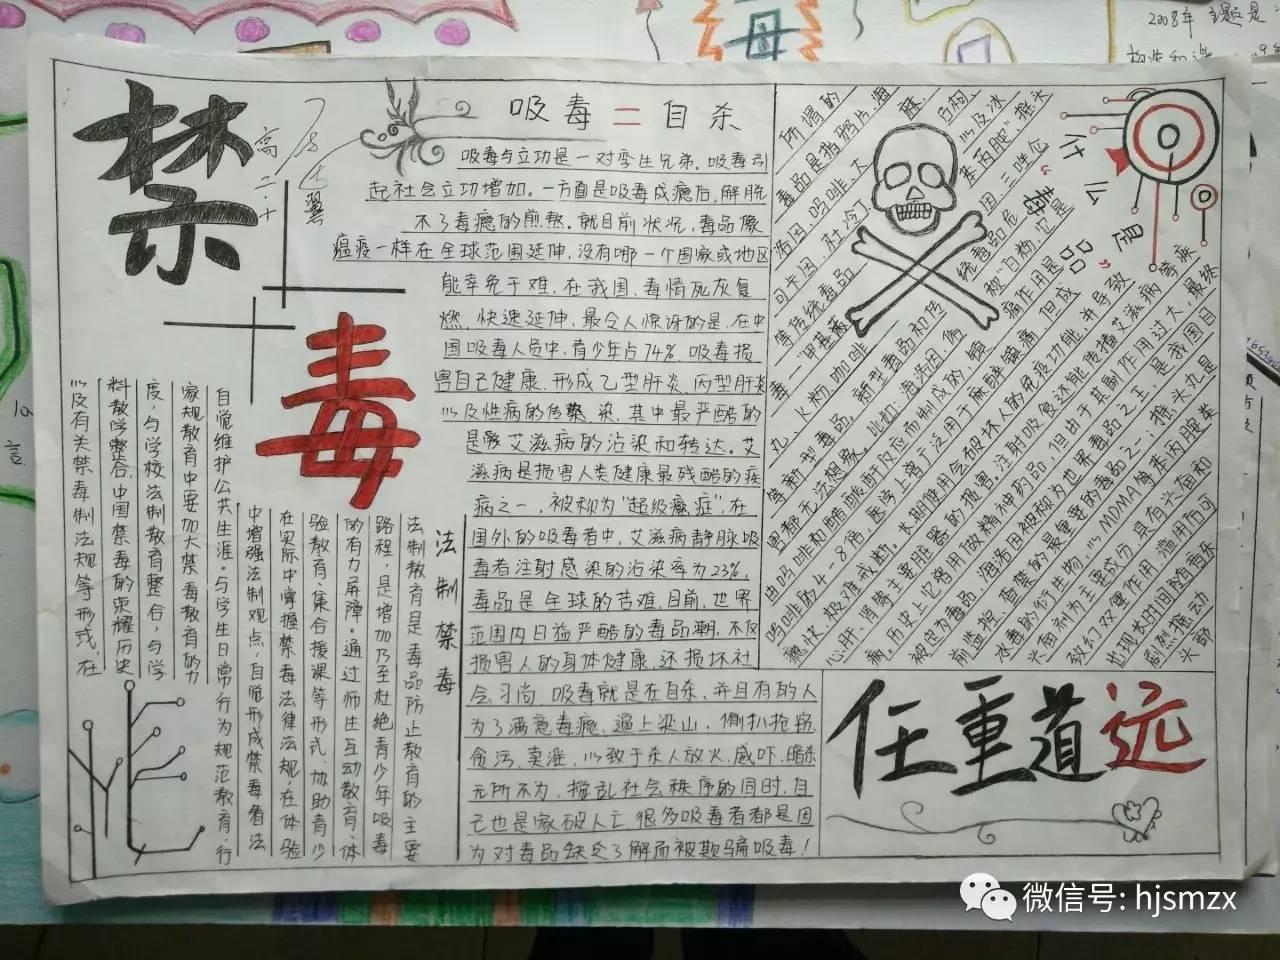 【健康校园】少岷职校举行禁毒手抄报比赛